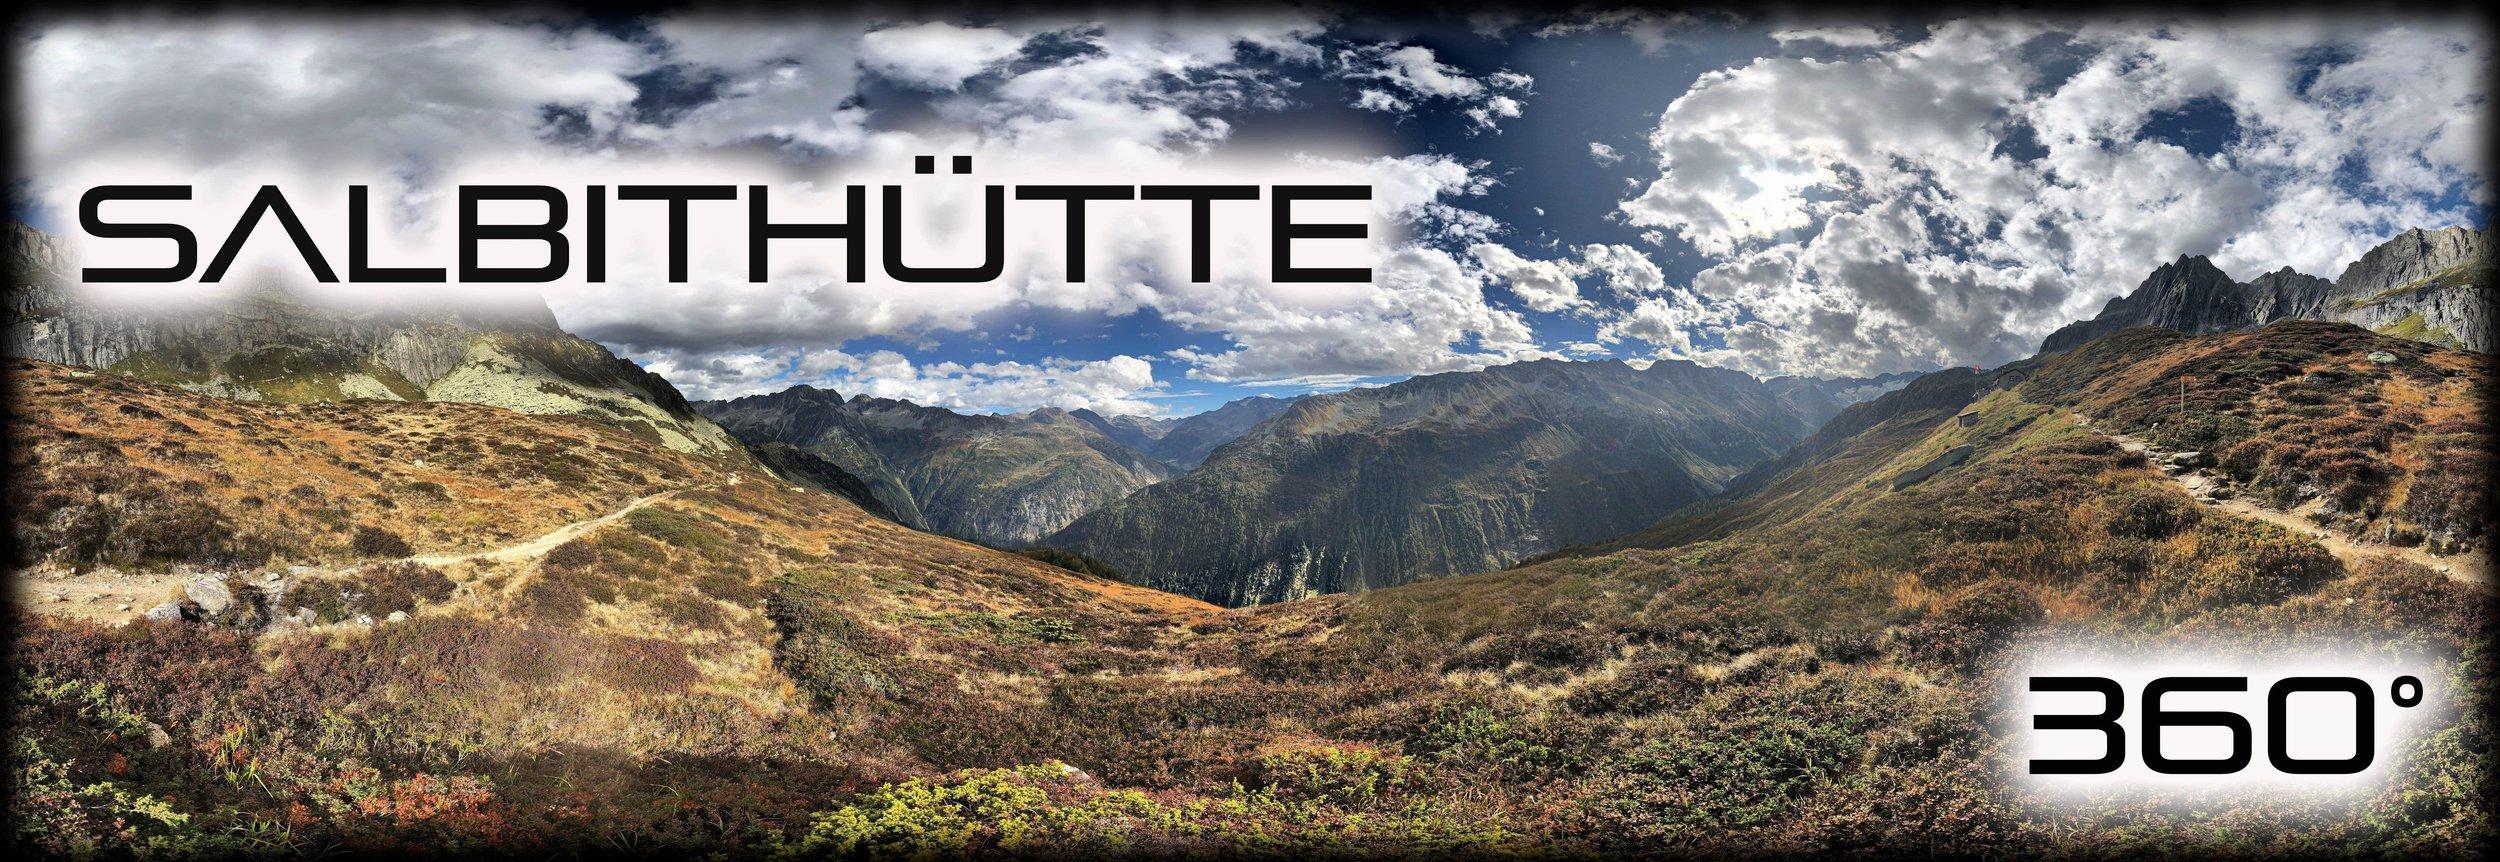 Salbithütte - September 2018